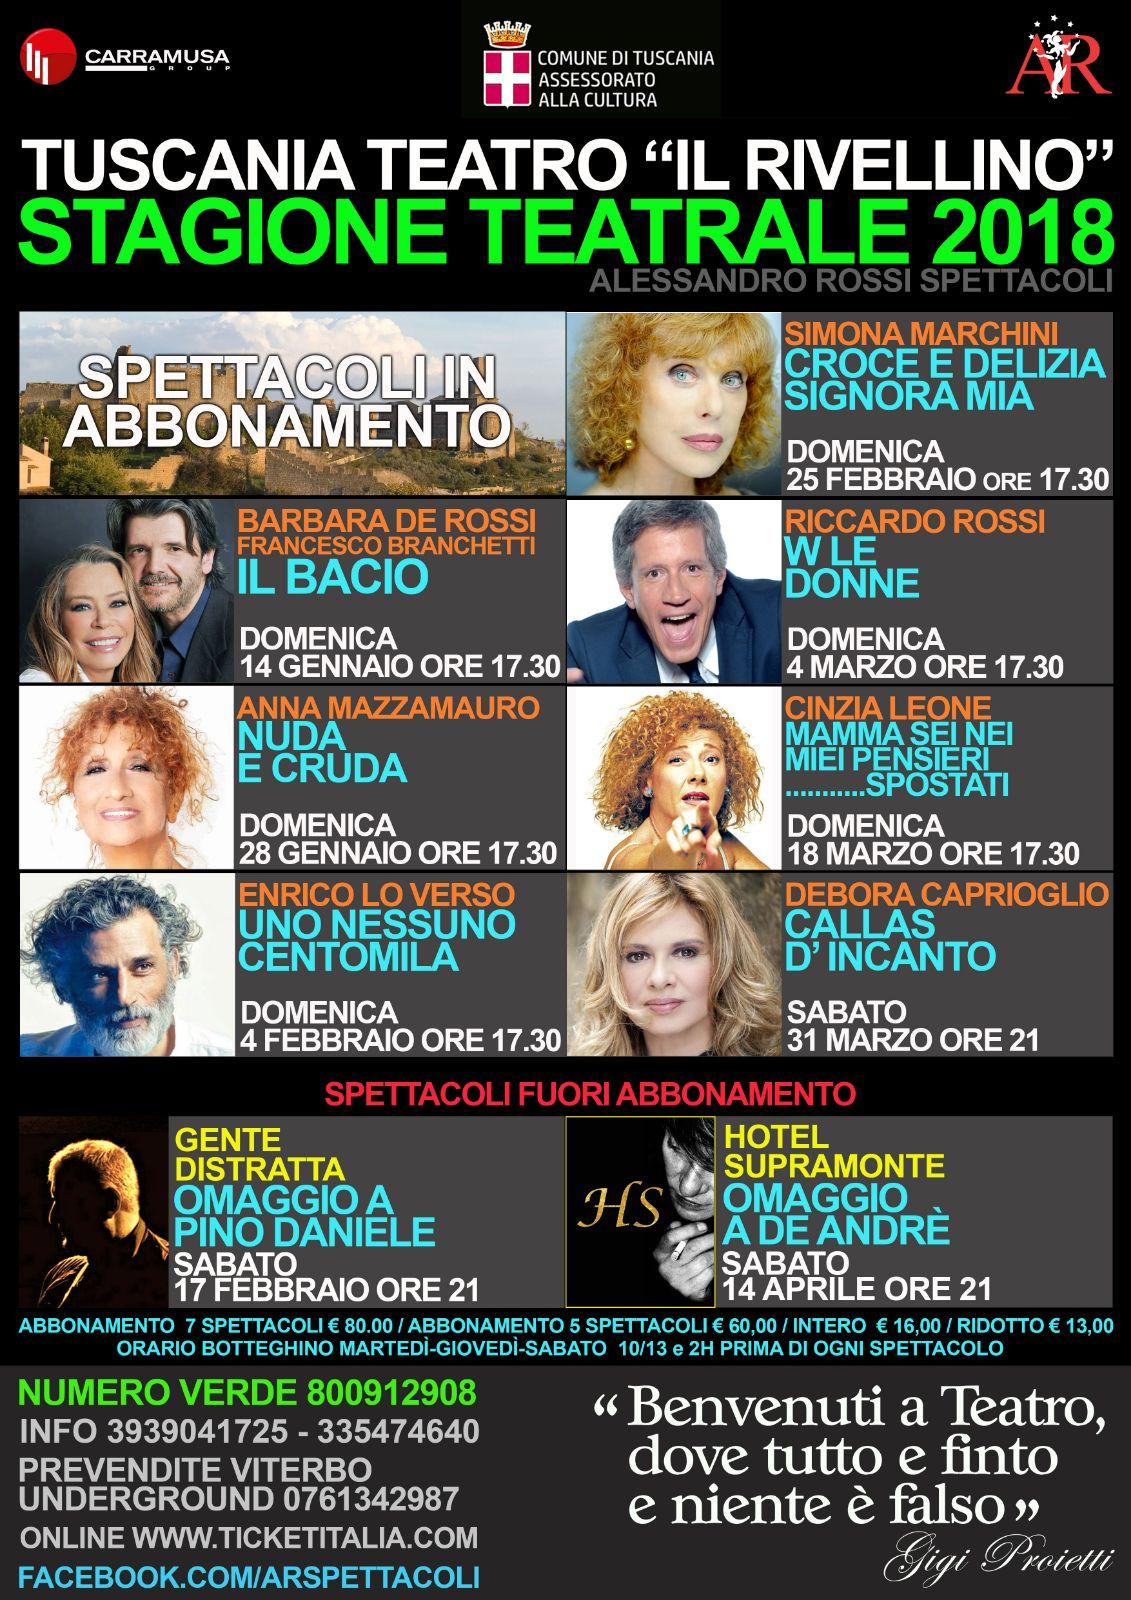 Teatro: partenza sprint del Rivellino con Barbara De Rossi, la stagione a Tuscania durerà fino ad aprile